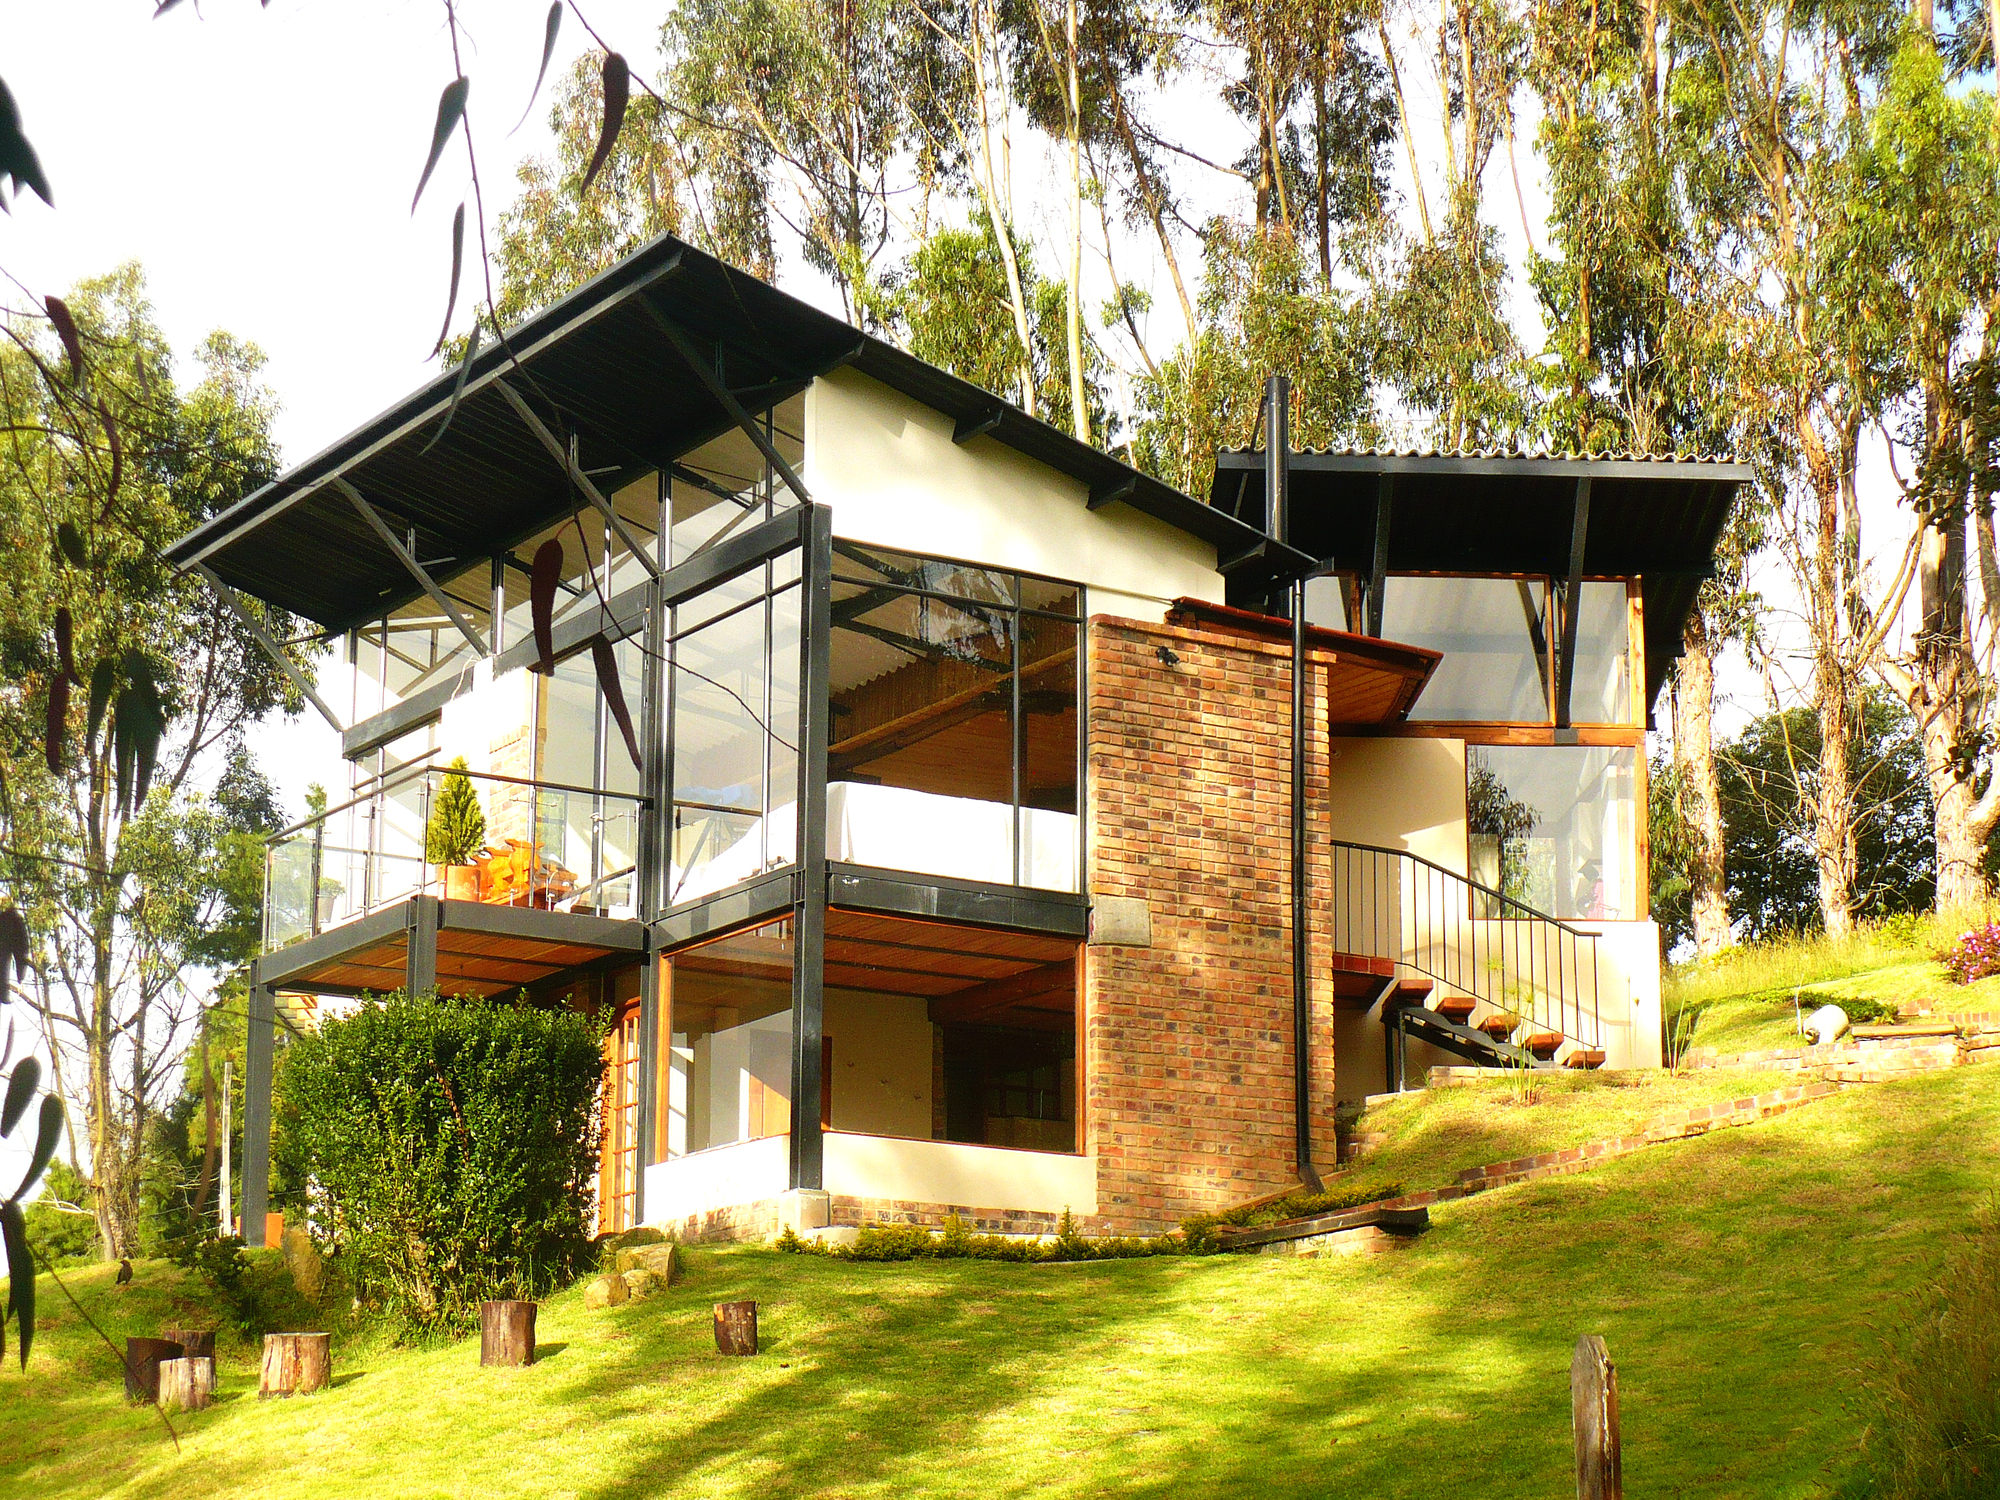 Campus University City / Lavalle + Peniche Arquitectos, Jorge Bolio Arquitectura, Plataforma